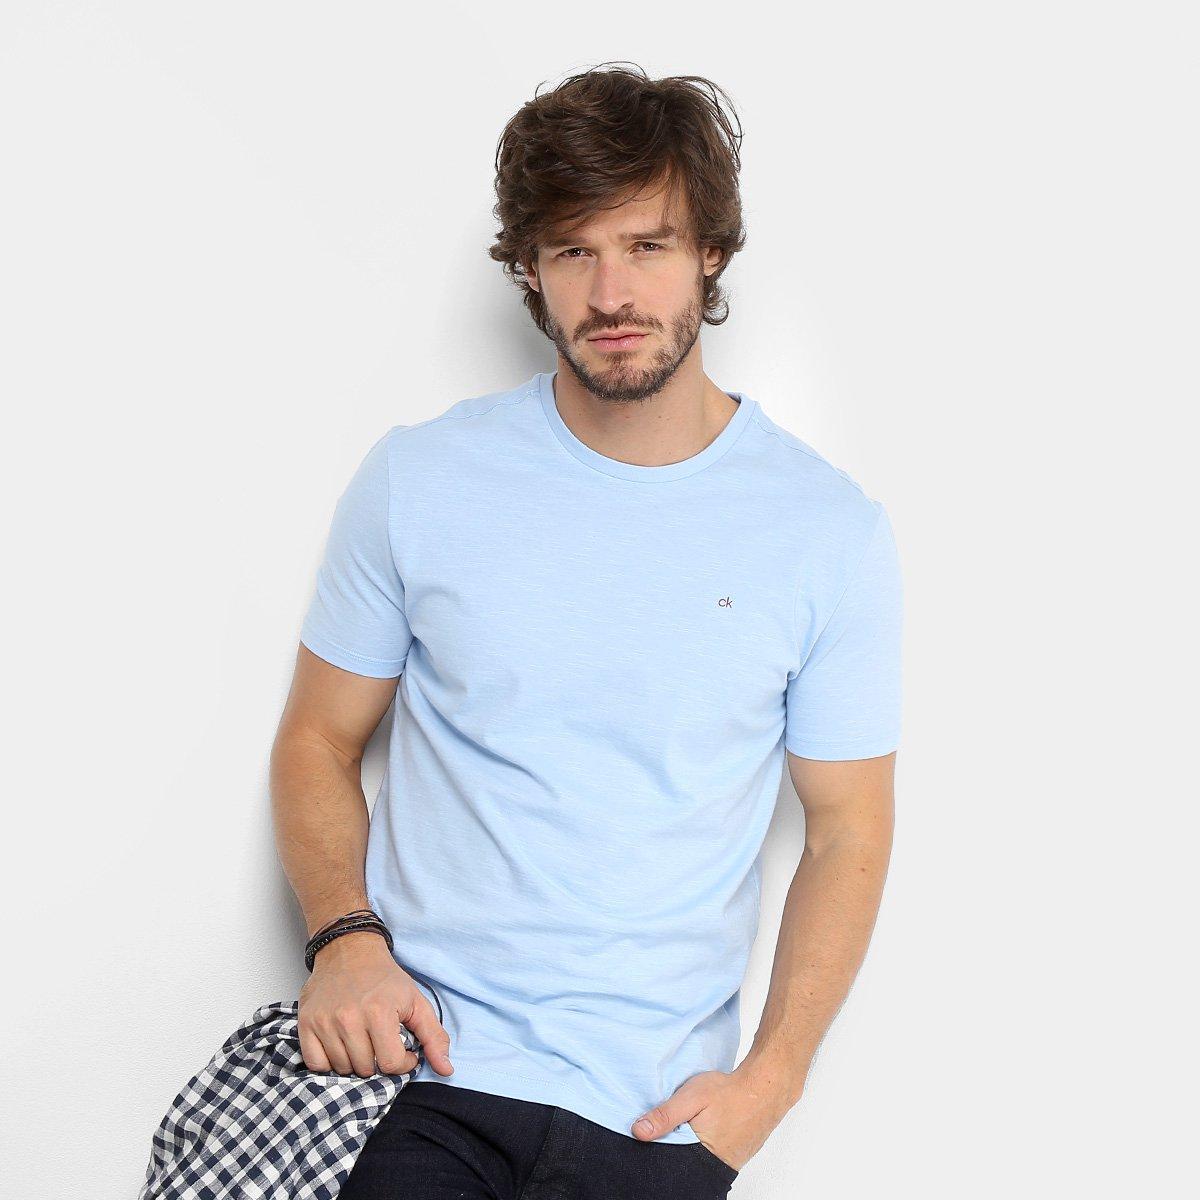 Camiseta Calvin Klein Básica Masculina - Azul Claro - Compre Agora ... f14fcd3e19